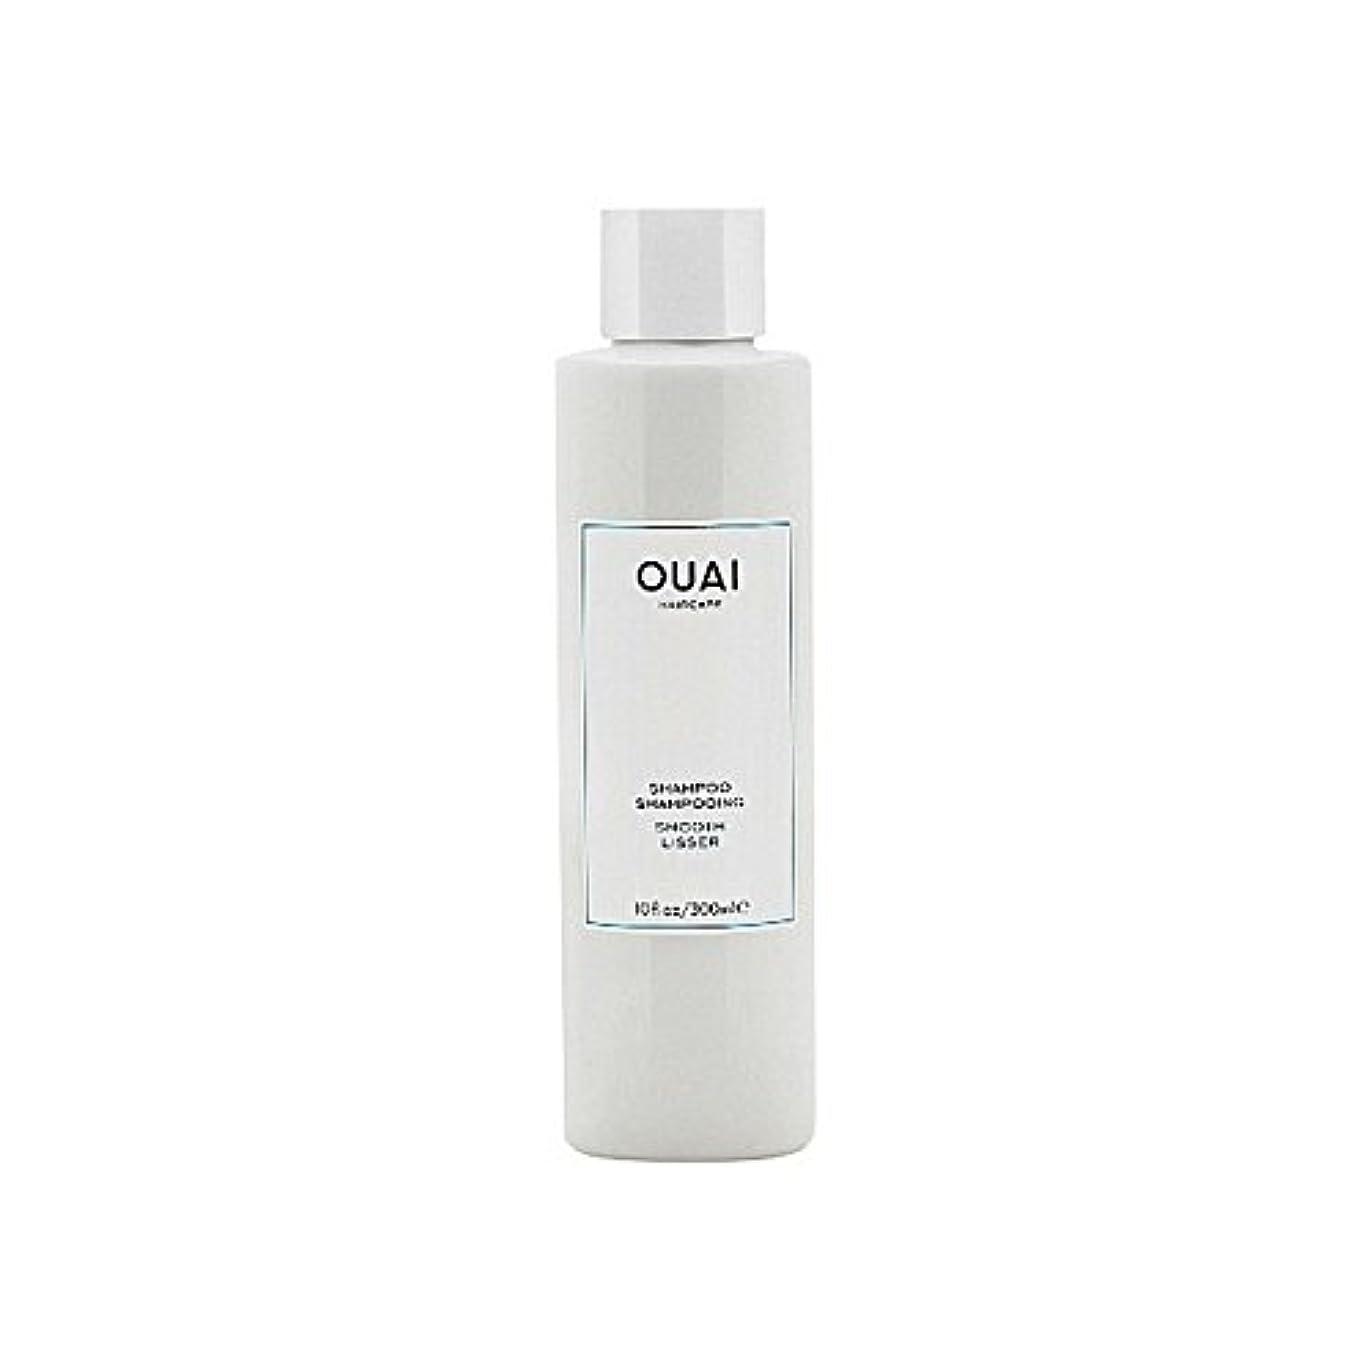 船員フェードアウト野ウサギスムーズなシャンプー300ミリリットル x2 - Ouai Smooth Shampoo 300ml (Pack of 2) [並行輸入品]